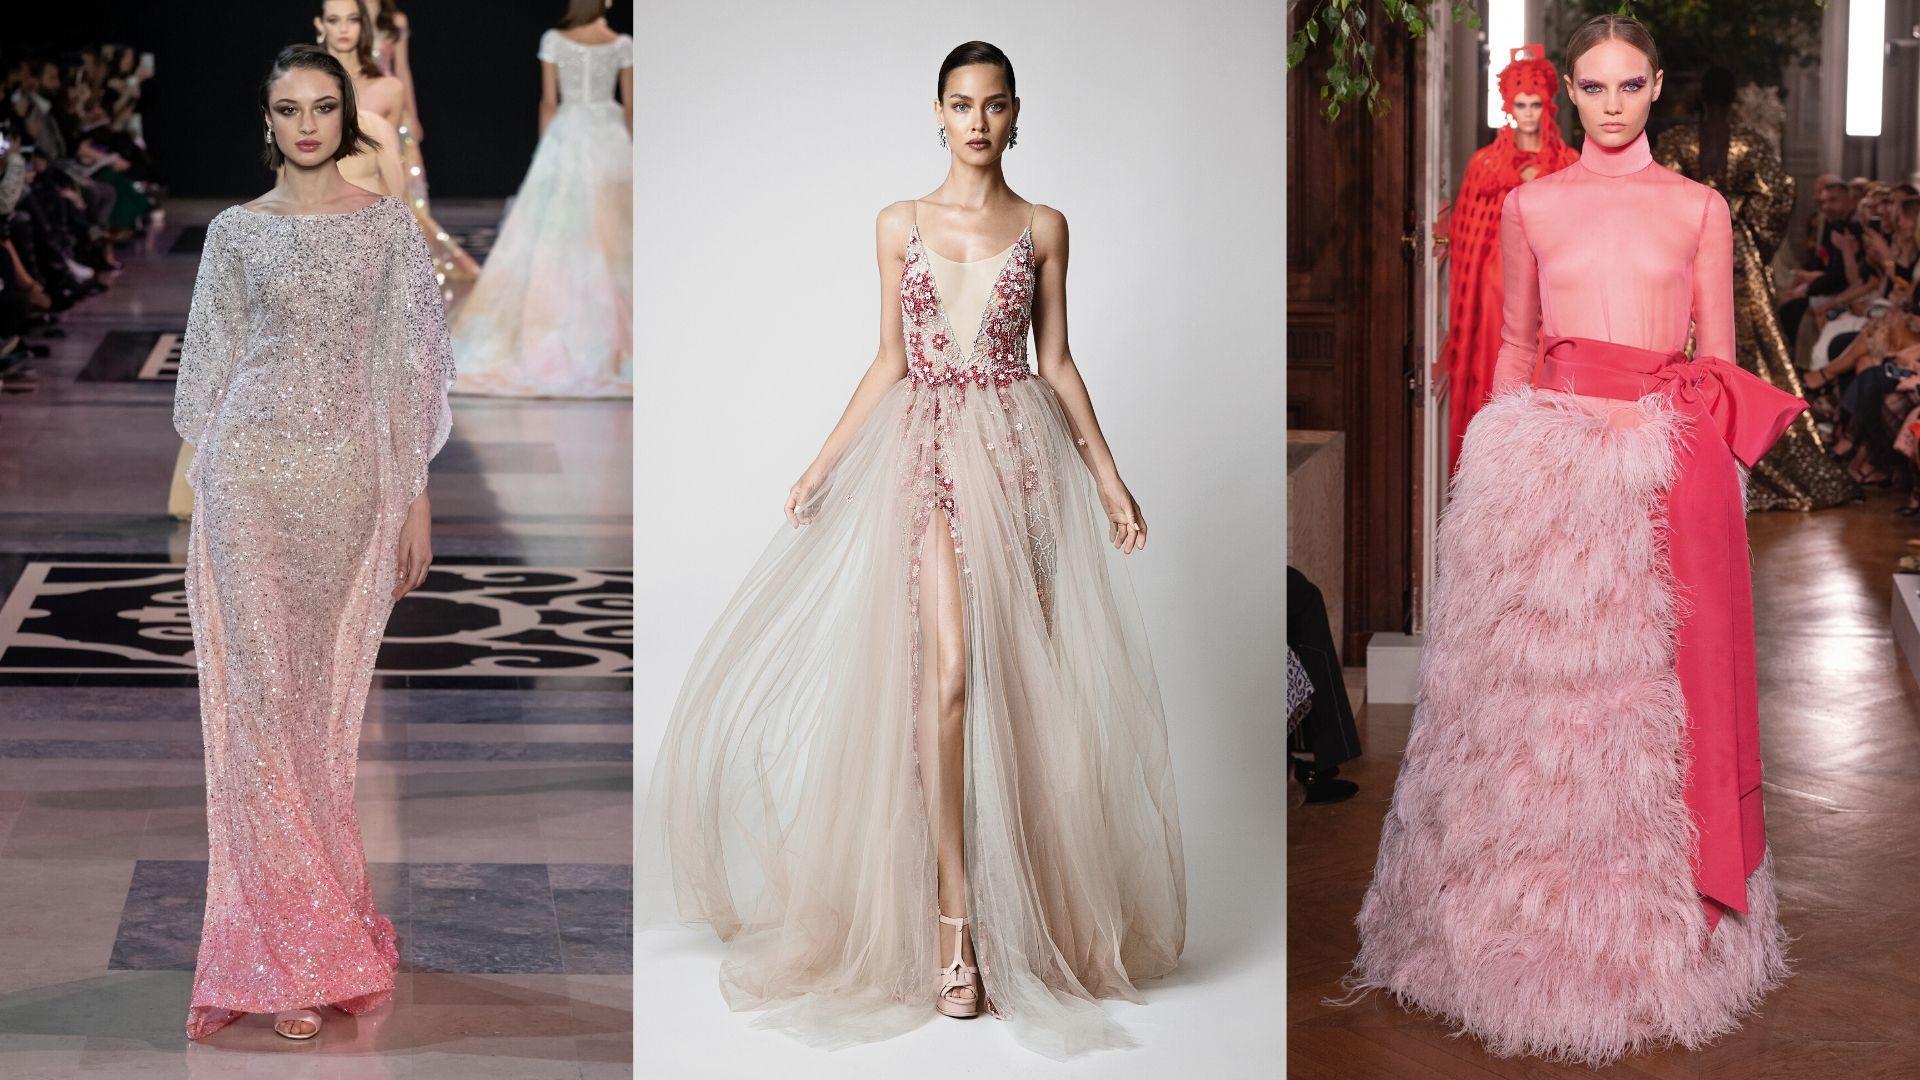 9 Ways To Nail A Rose-Hued Bridal Look